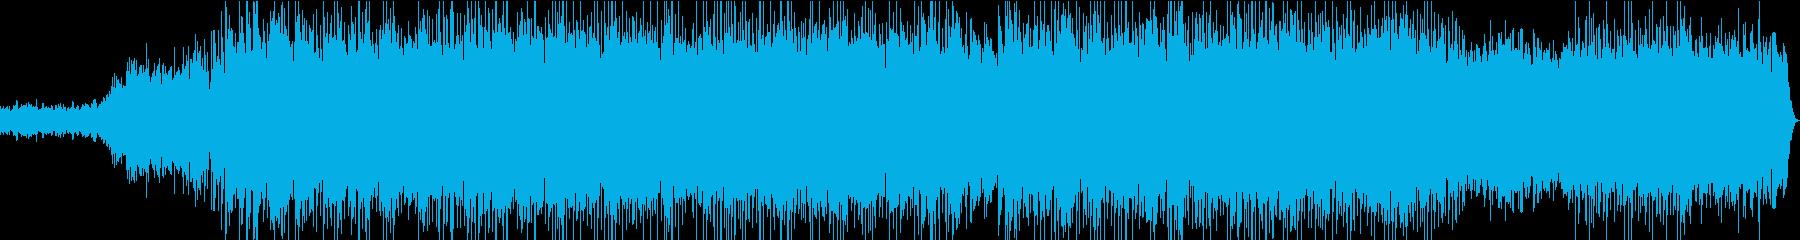 水の癒し×愛の音色=新感覚の爽やかさ!1の再生済みの波形